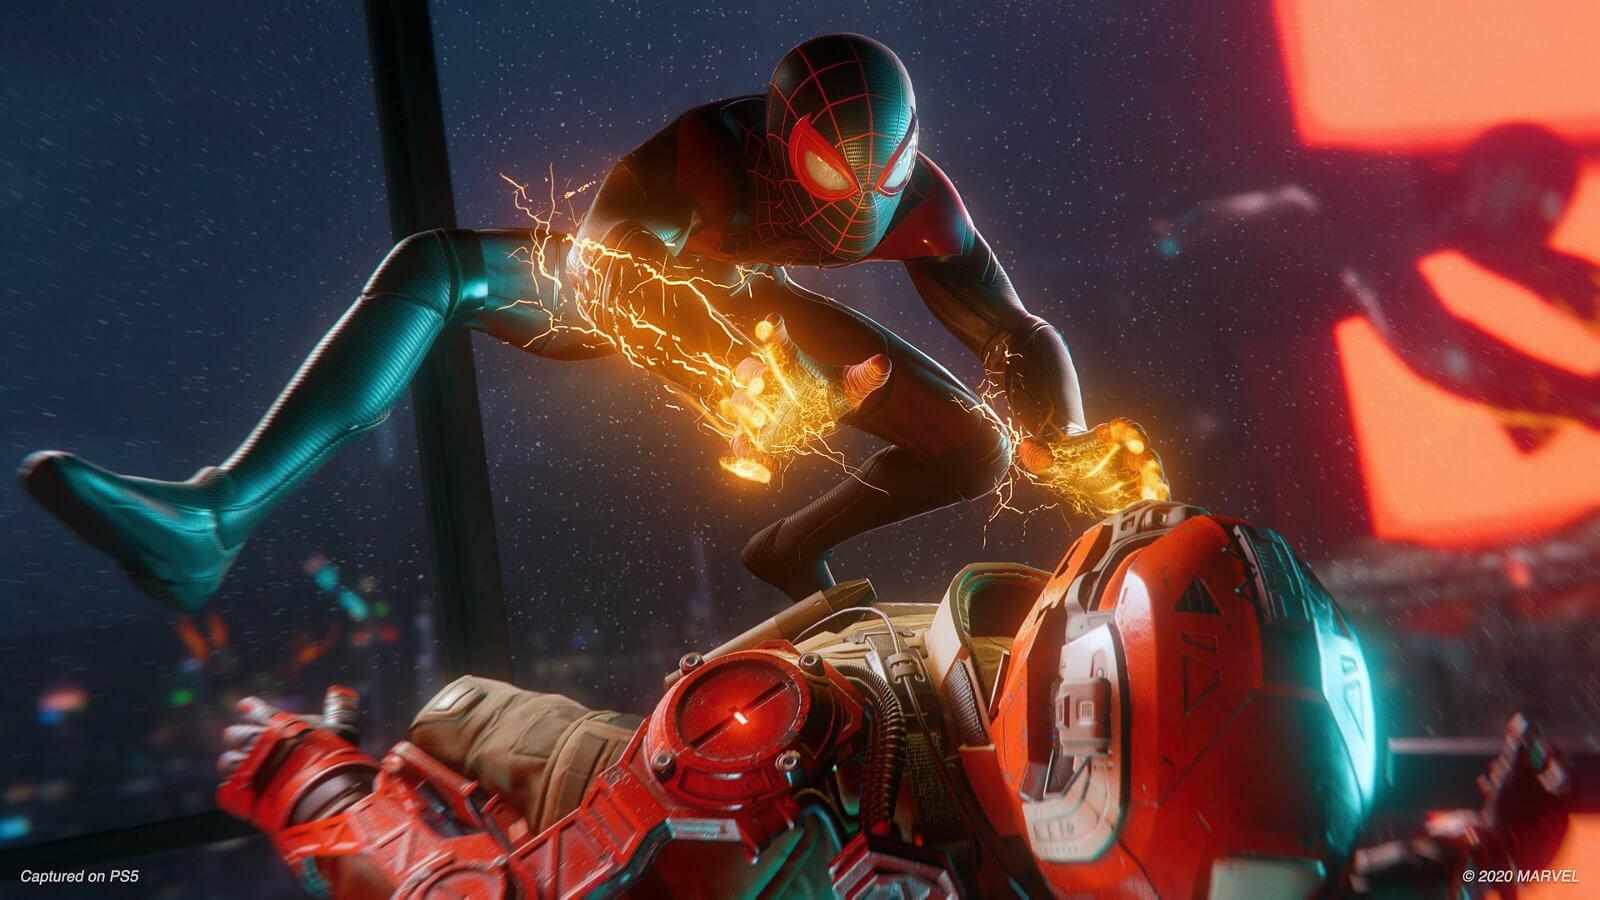 Spiderman Miles Morales ไมลส์ ไอ้แมงมุมสุดฮา2